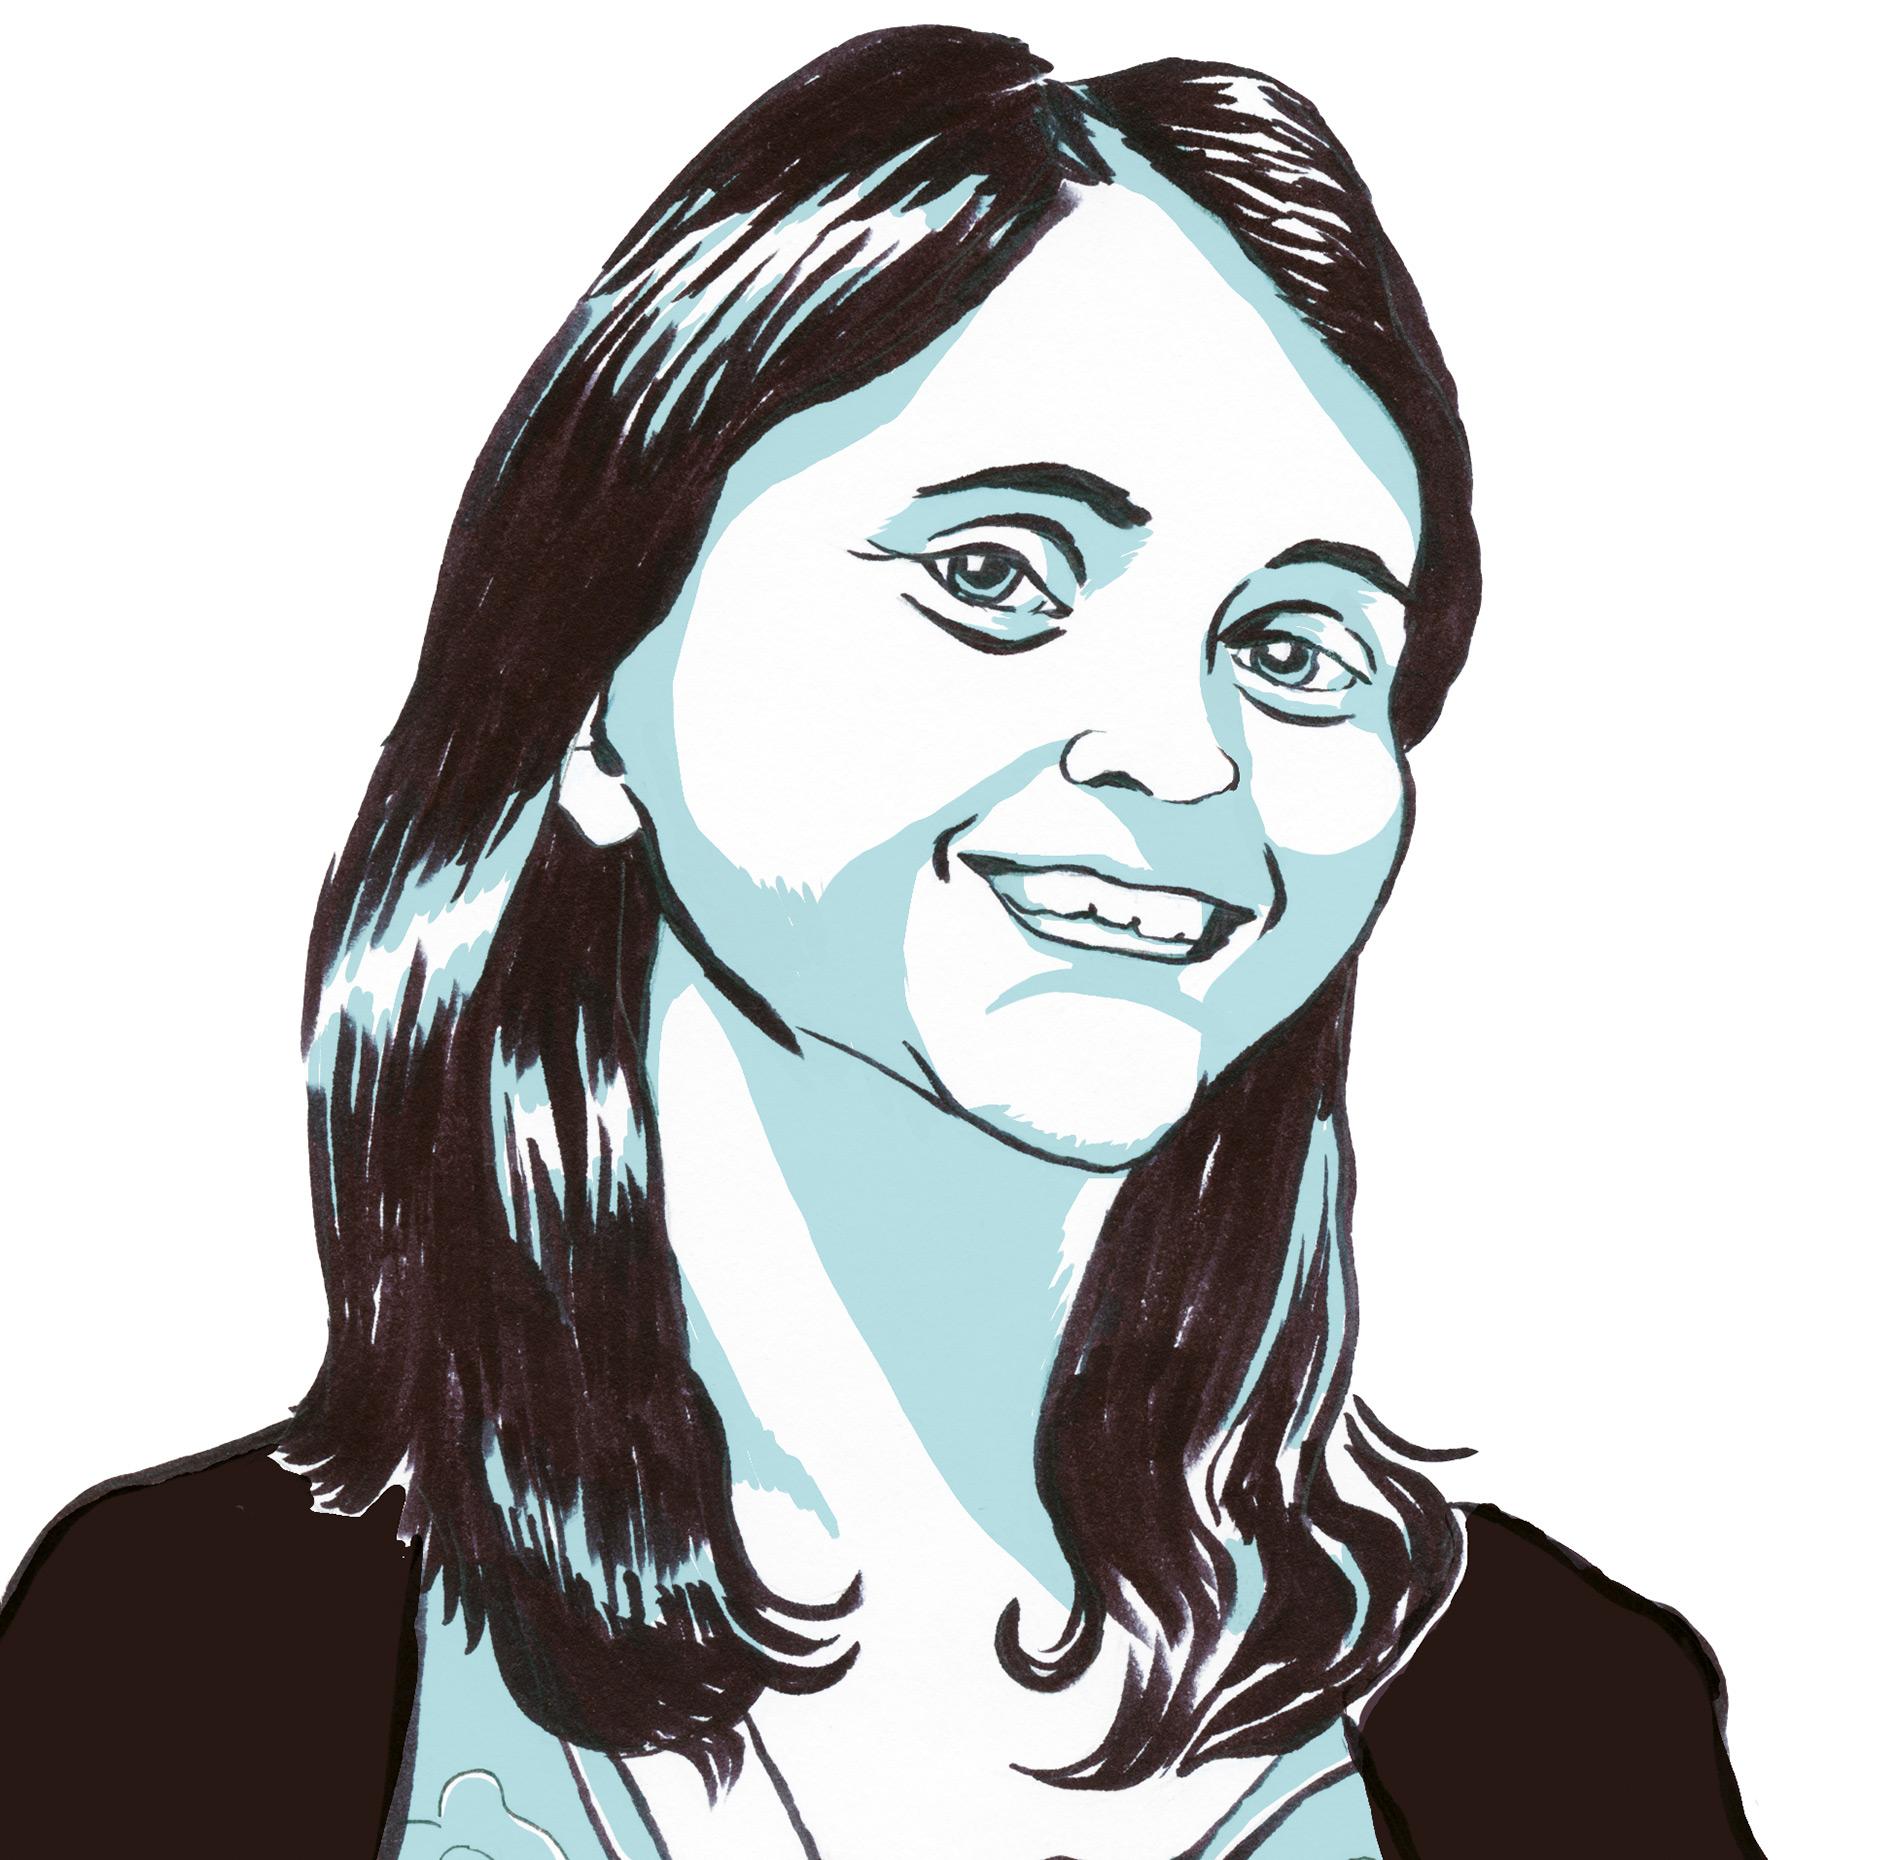 Fiona-Dunnett-Illustrator-and-Designer.jpg